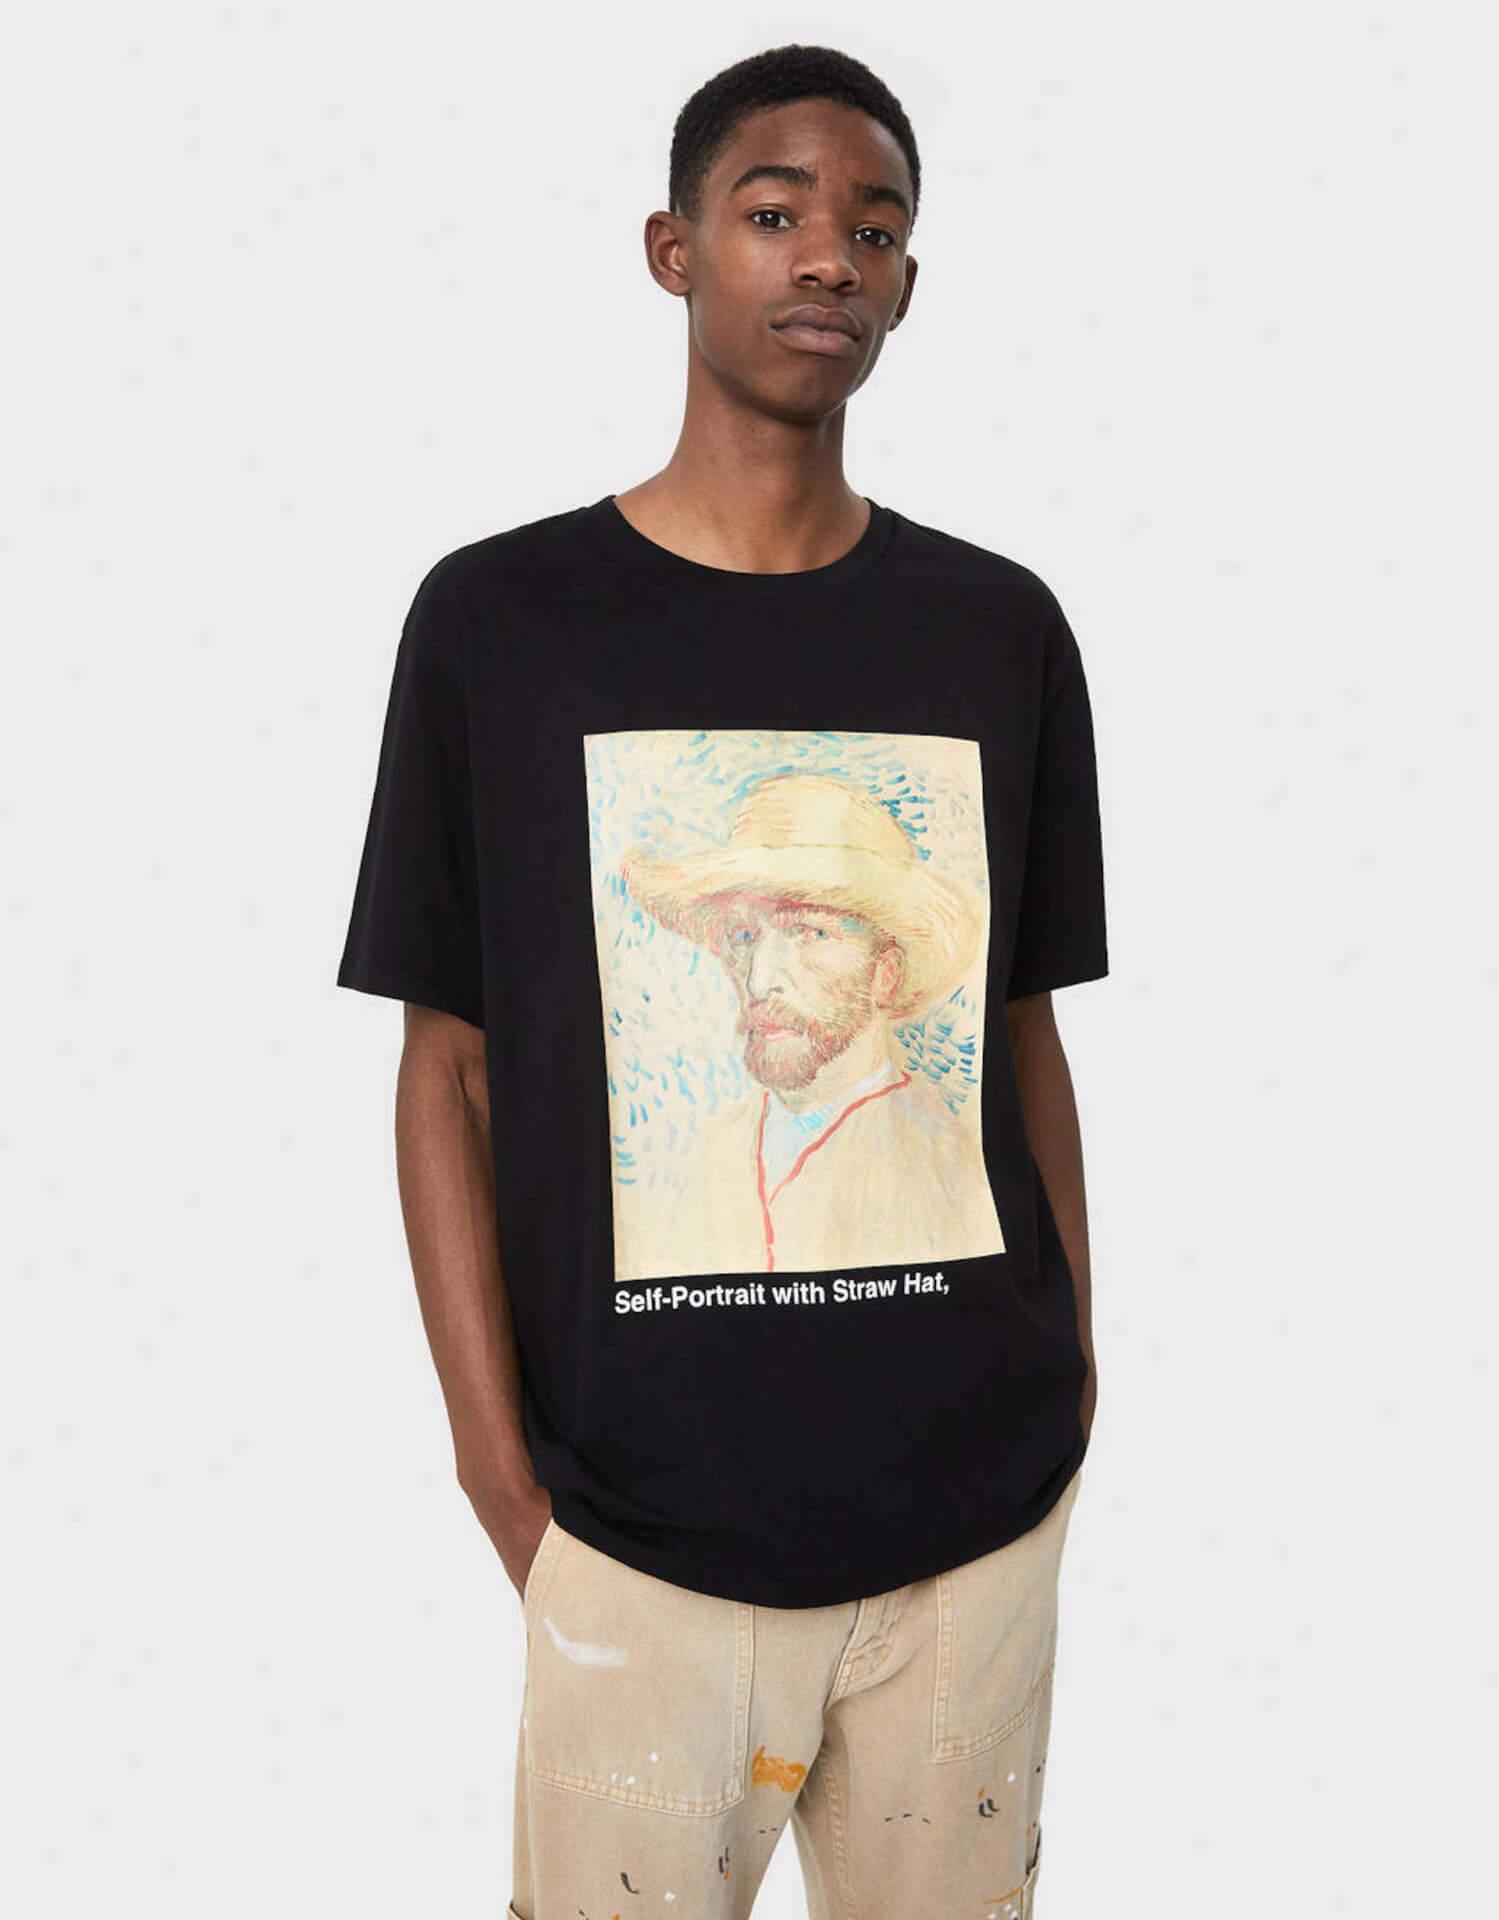 ゴッホ×Bershka 名作『ひまわり』や自画像をプリントしたスウェット、シャツが発売決定! lifefashion191017_bershkagogh_10